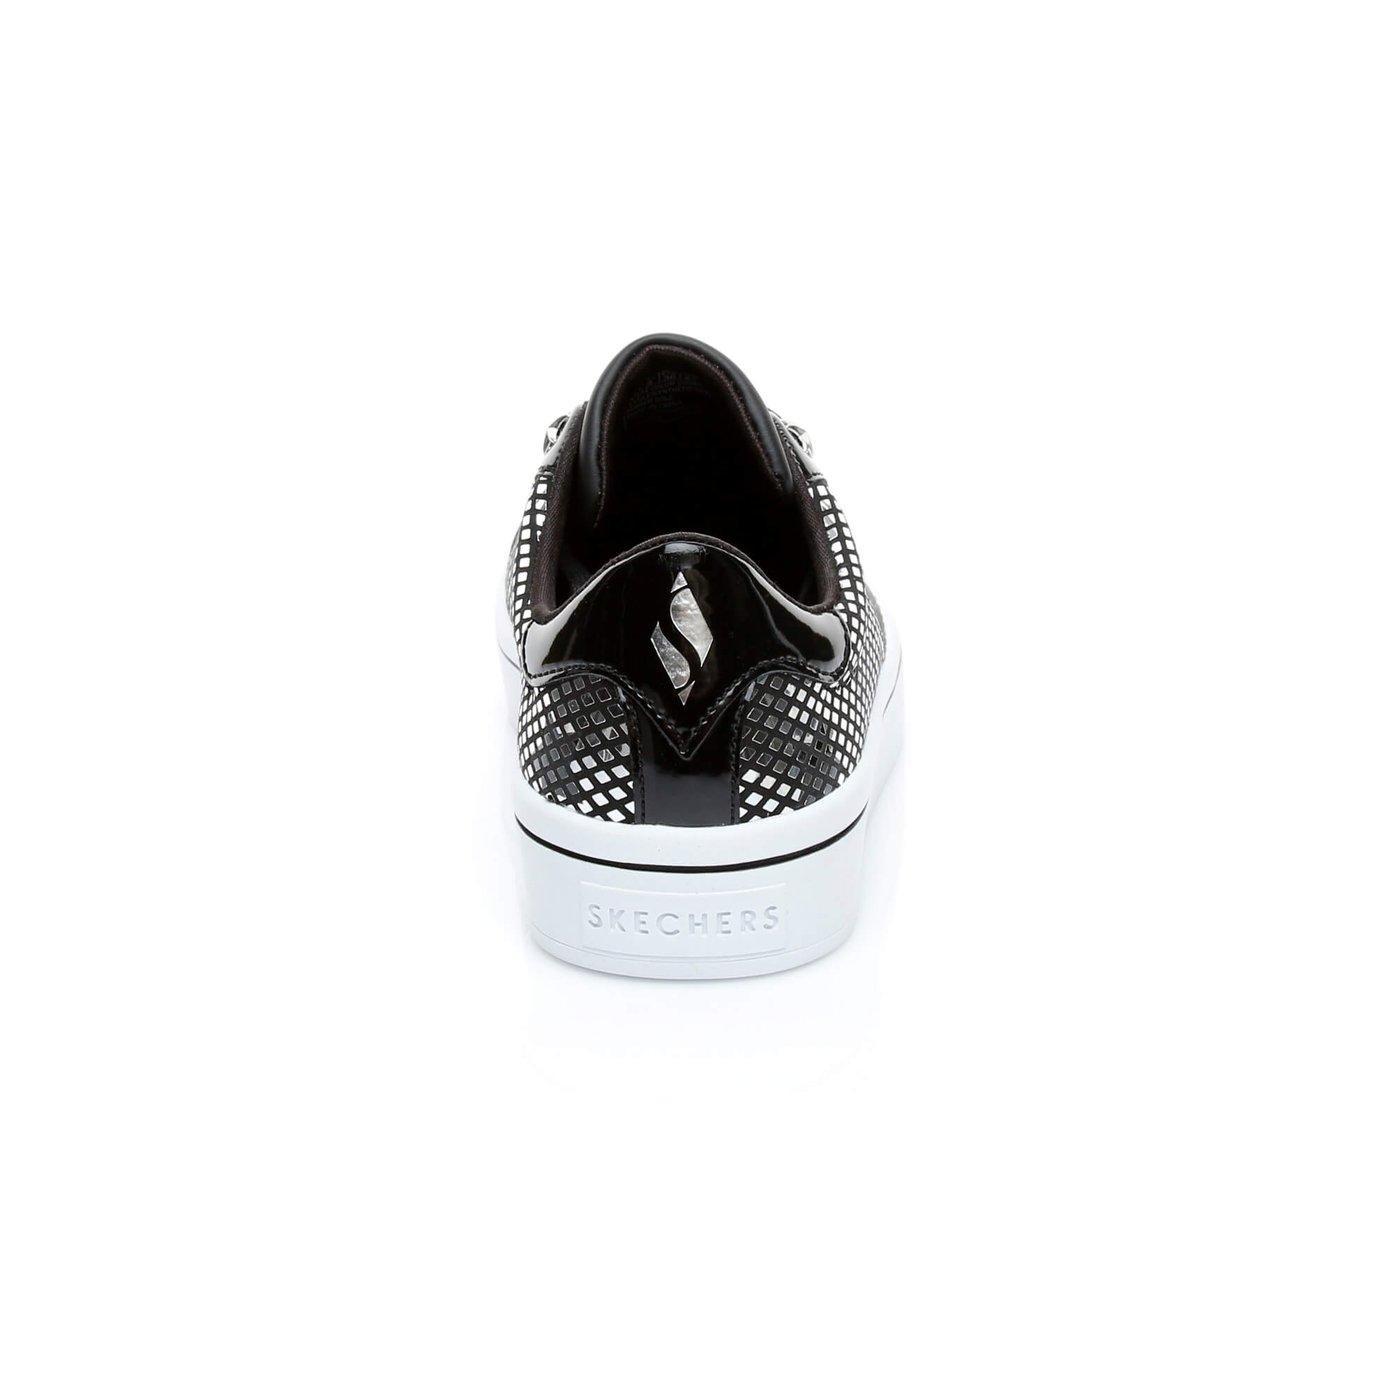 Skechers Hi-Lite-Shiny Star Kadın Siyah Sneaker